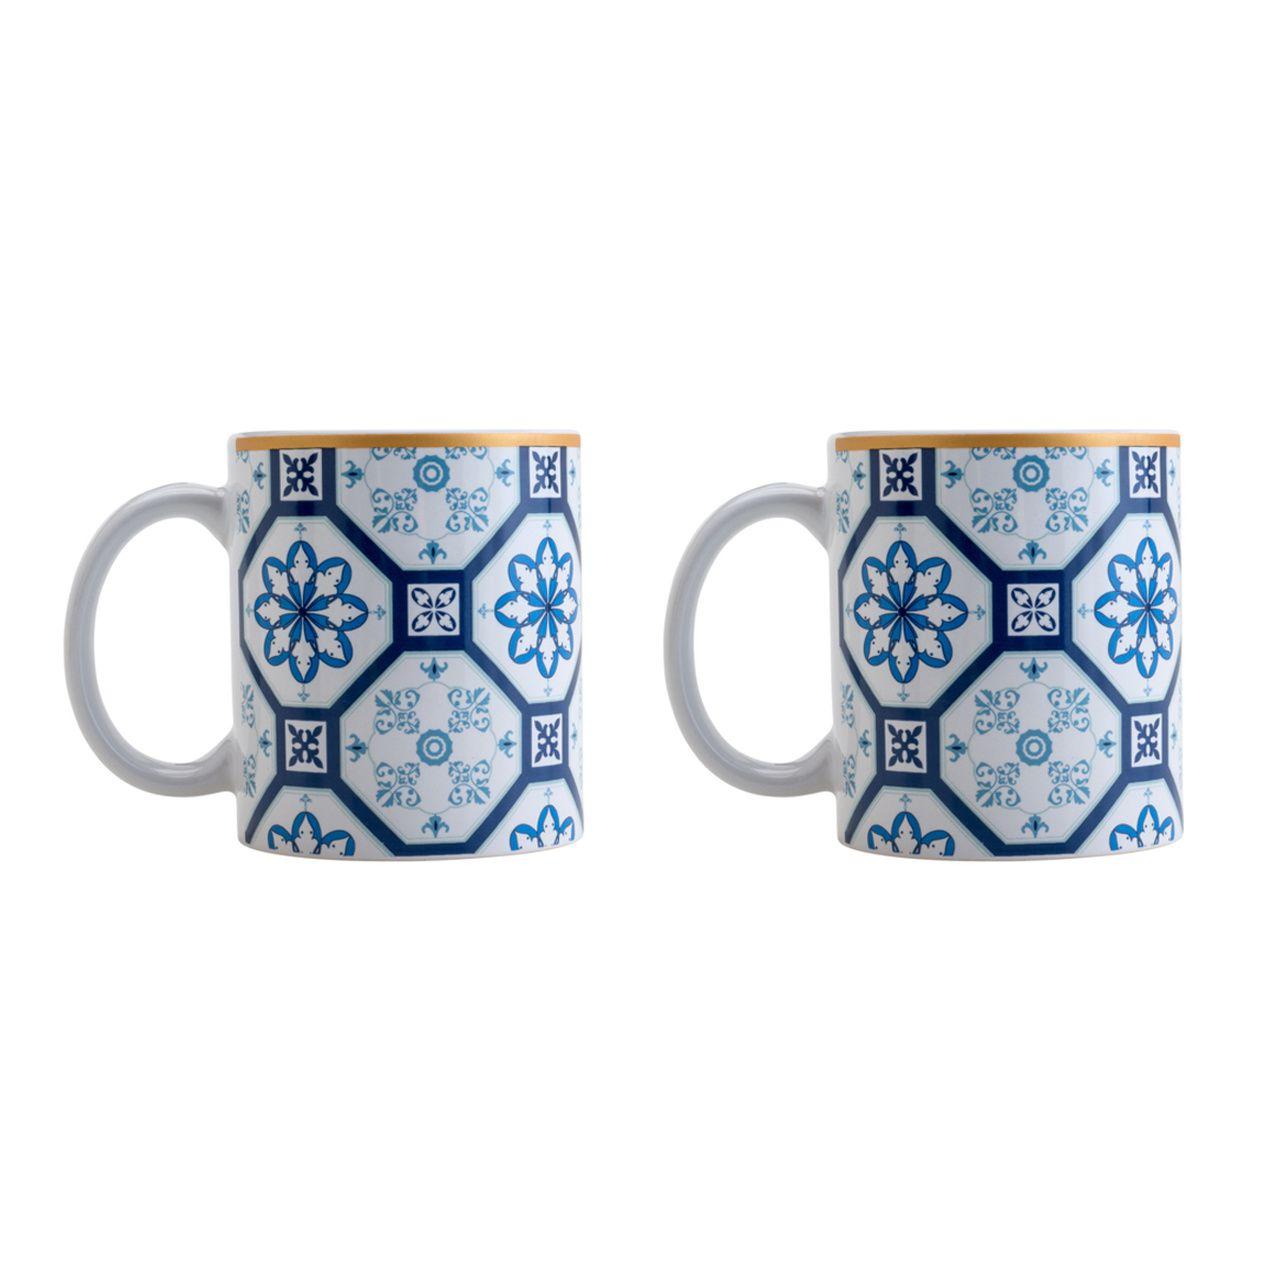 Conjuntos de 2 Canecas De Porcelana Braga Azul E Branca 330ml